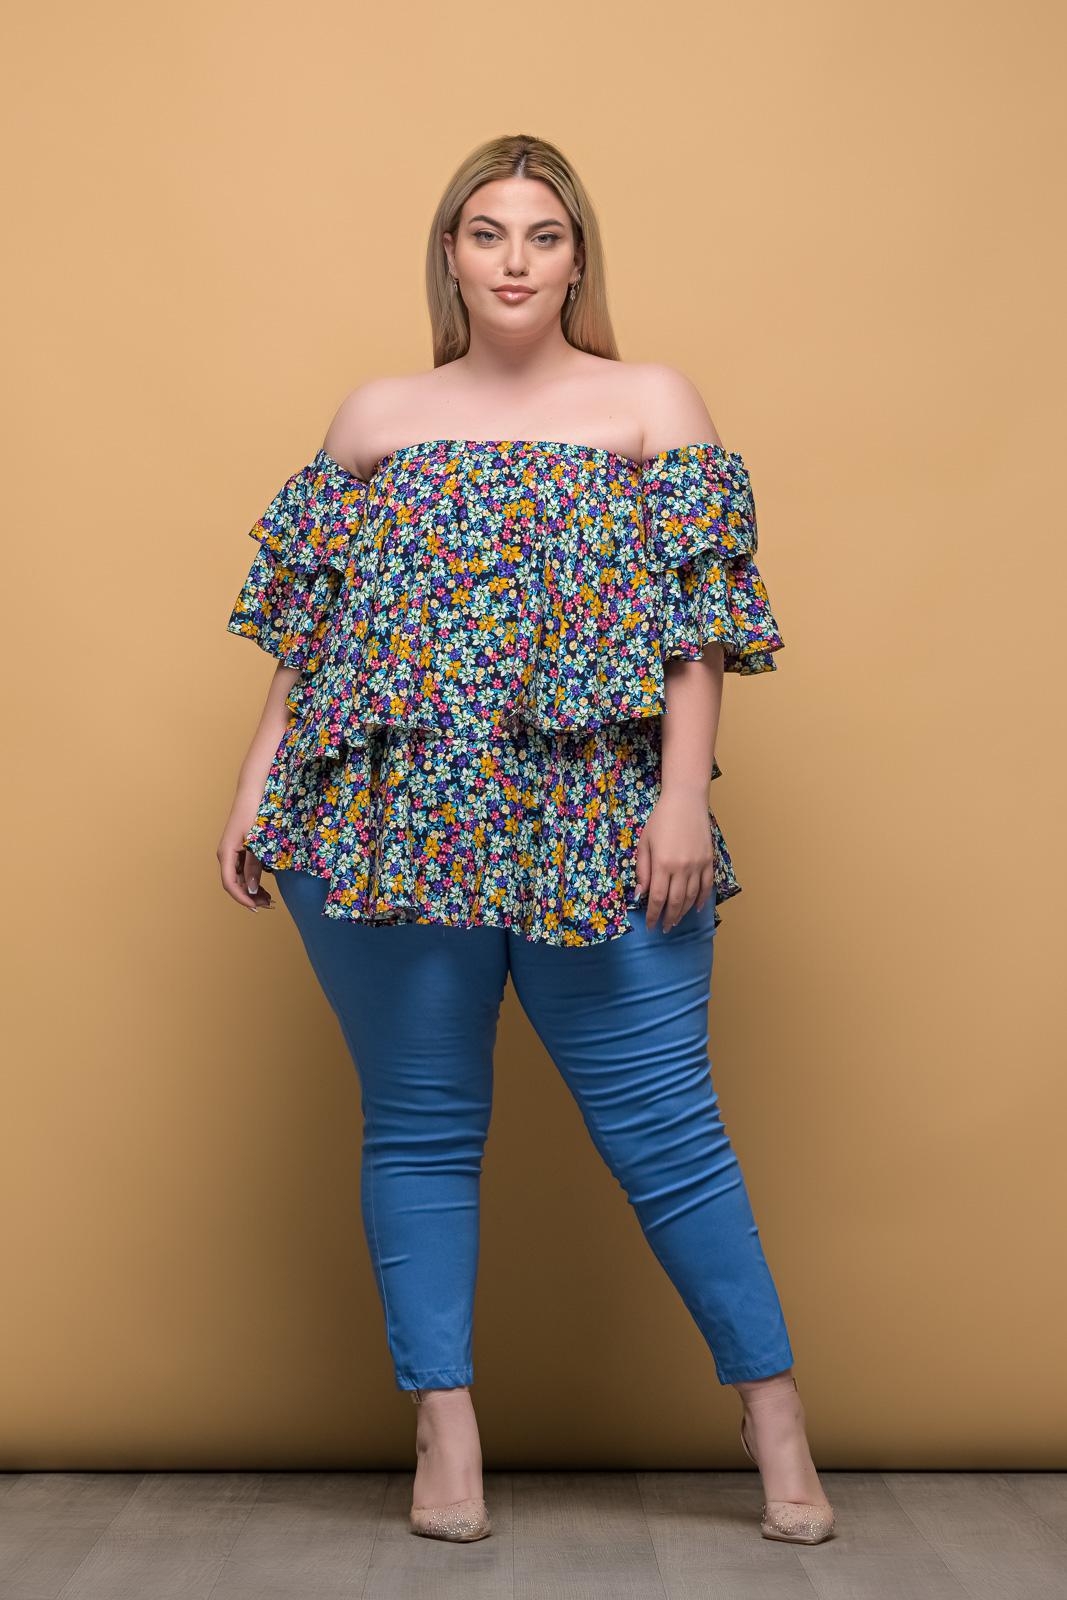 Παντελόνι μεγάλα μεγέθη ελαστική καμπαρντίνα indigo μέχρι τον αστράγαλο.Στο eshop μας θα βρείτε οικονομικά γυναίκεια ρούχα σε μεγάλα μεγέθη και υπερμεγέθη.